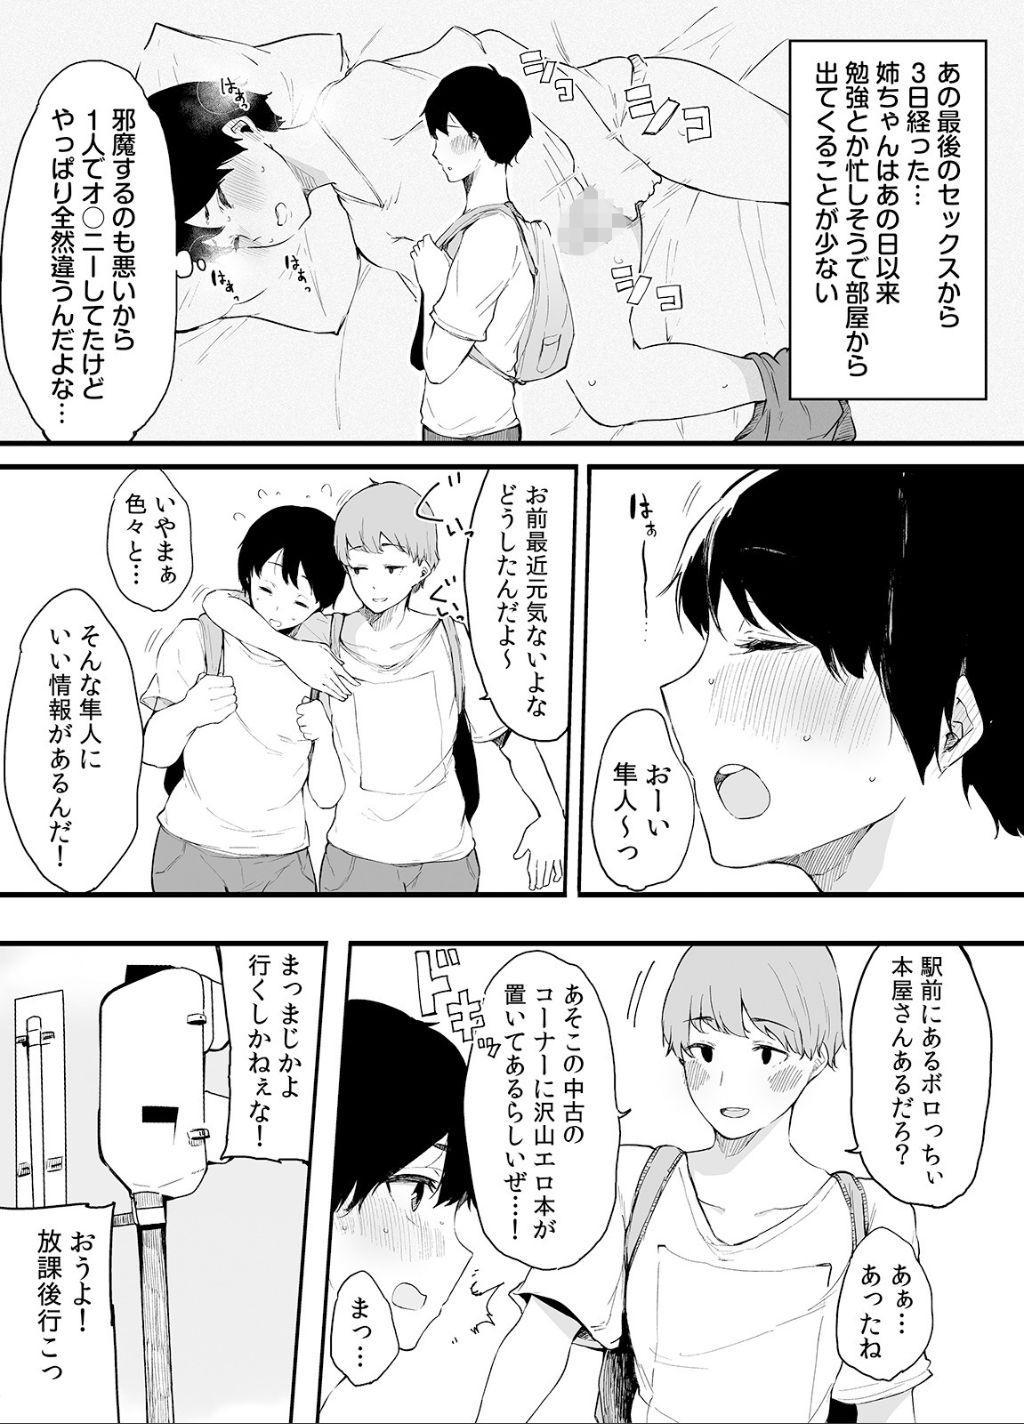 Otouto ni Ero Manga to Onaji Koto o Sare Chau o Nee-chan no Hanashi 2 37